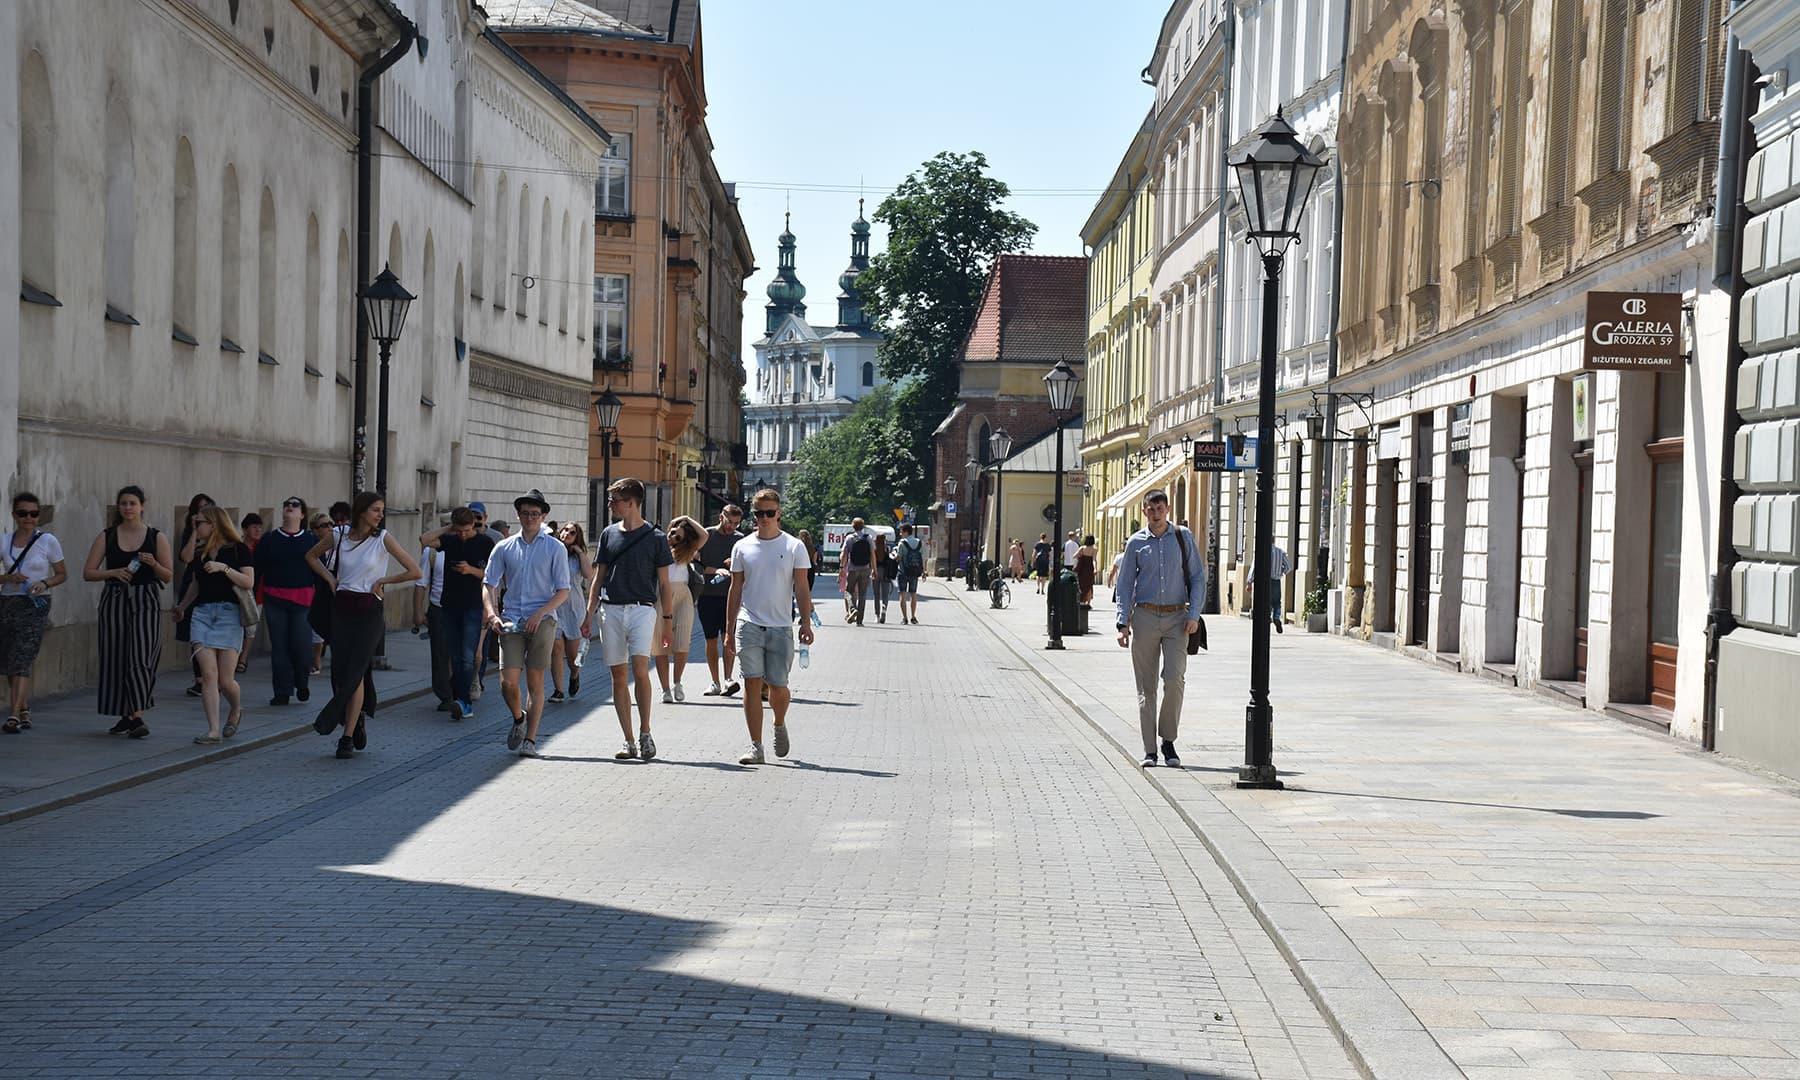 میں اس گلی کو واکنگ اسٹریٹ کہوں گا کہ یہی راستہ شہر کے مرکز تک جاتا ہے